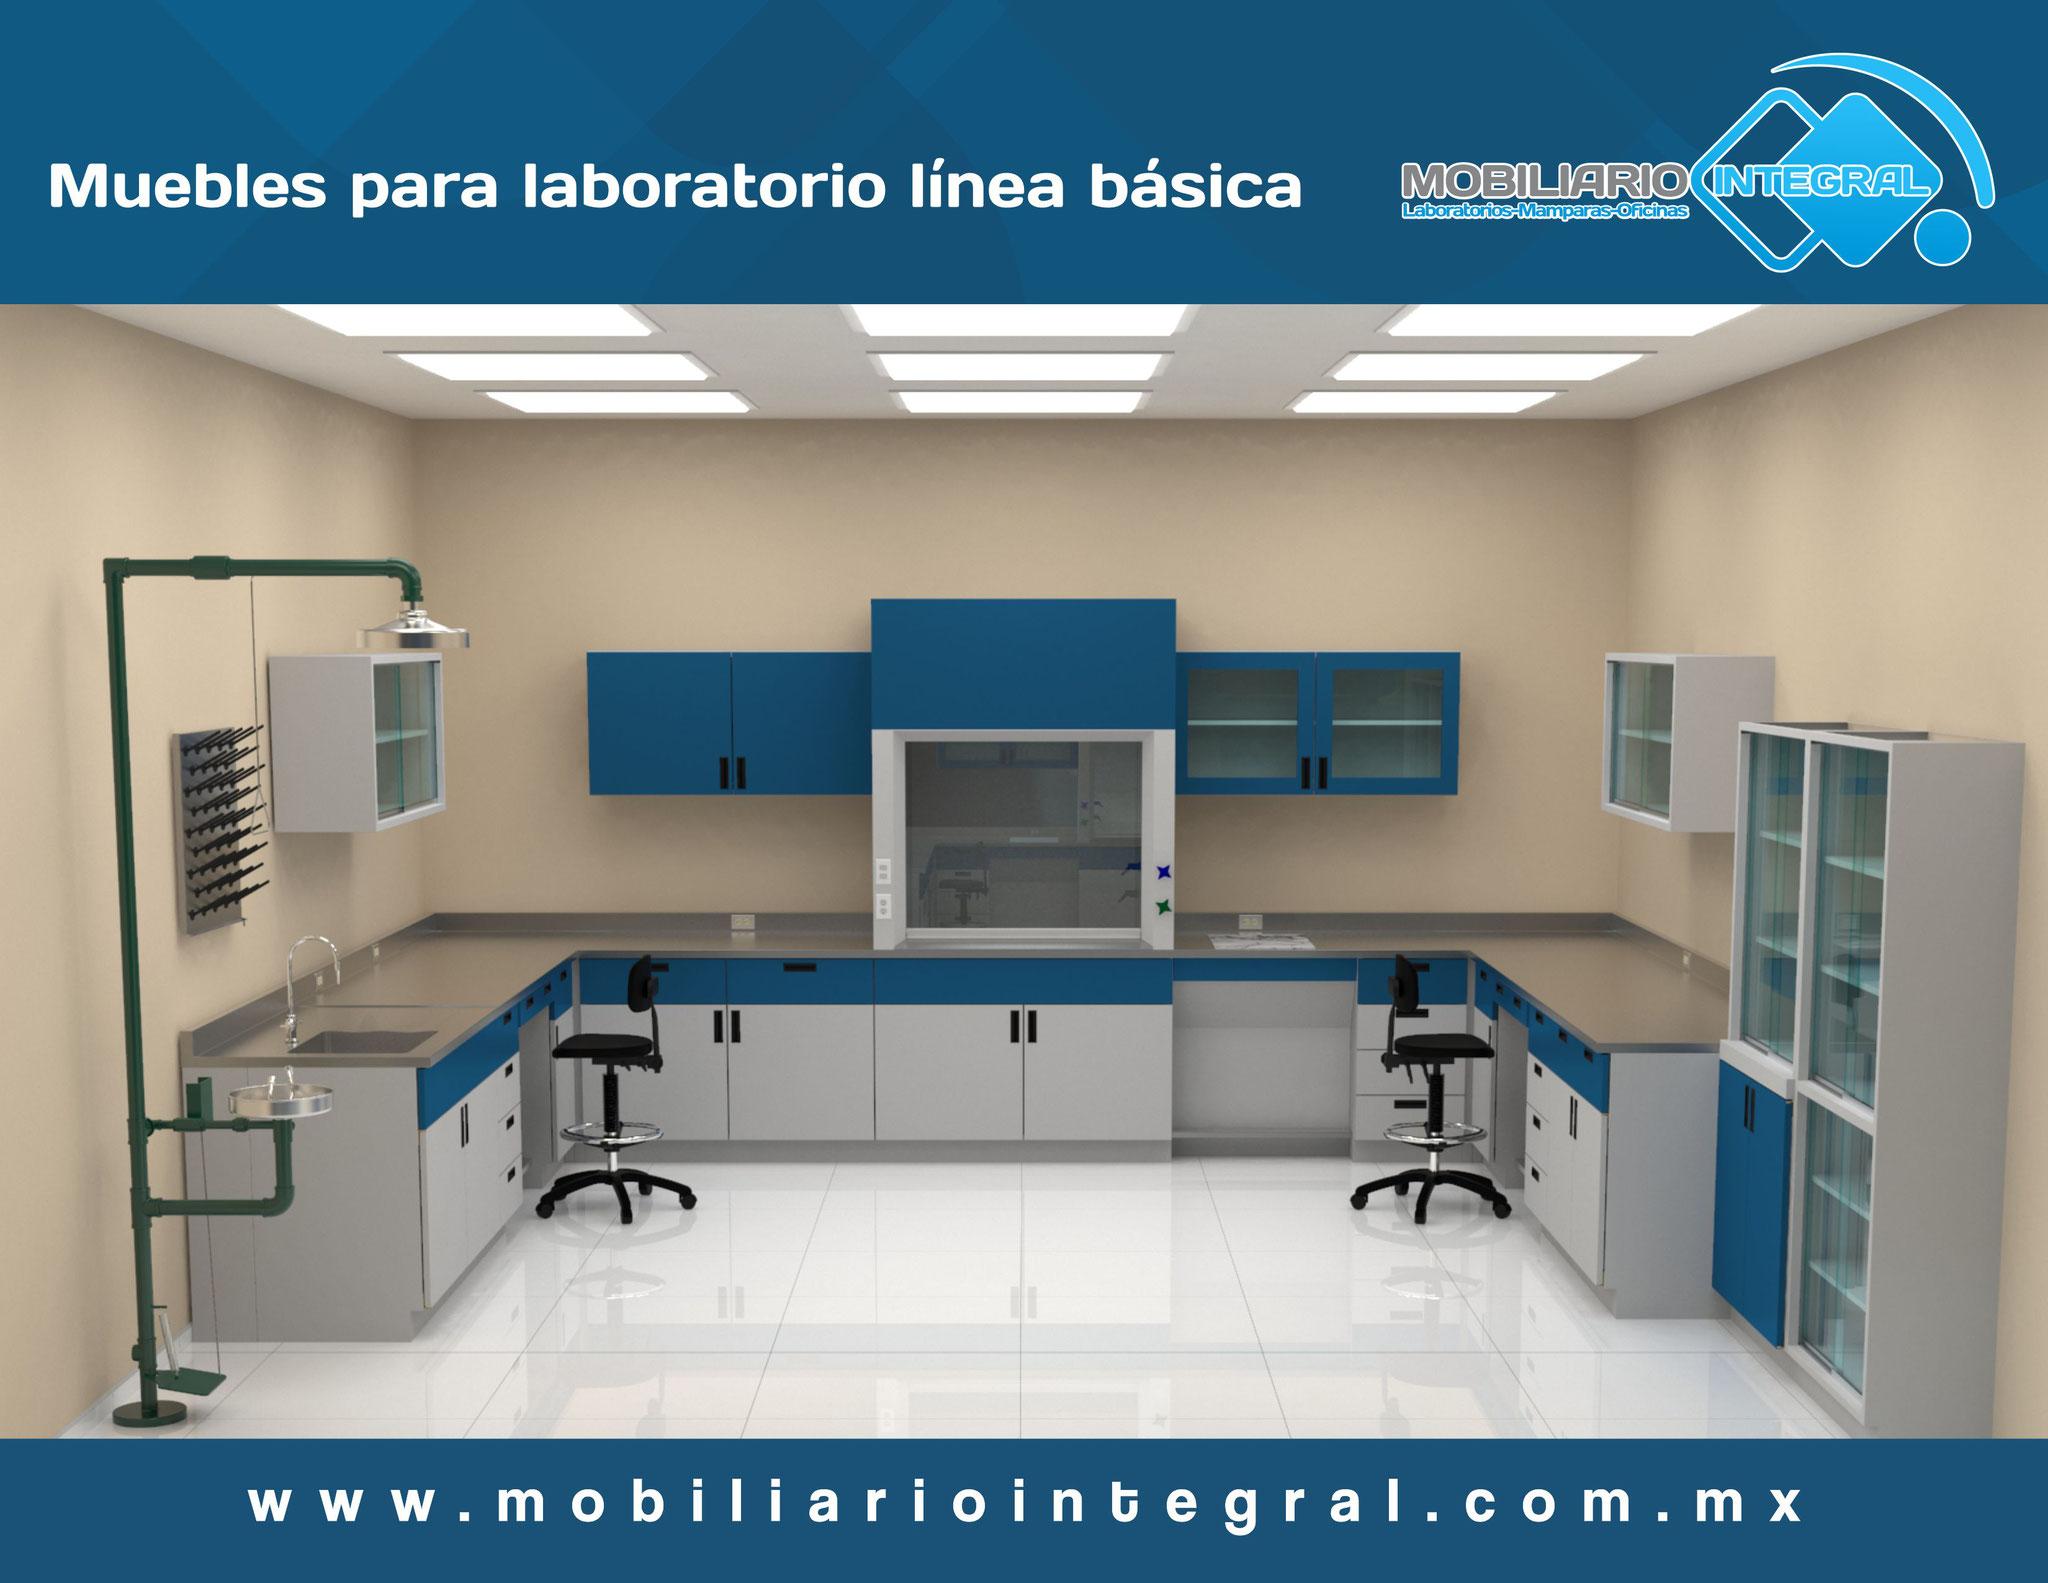 Muebles para laboratorio en La Paz